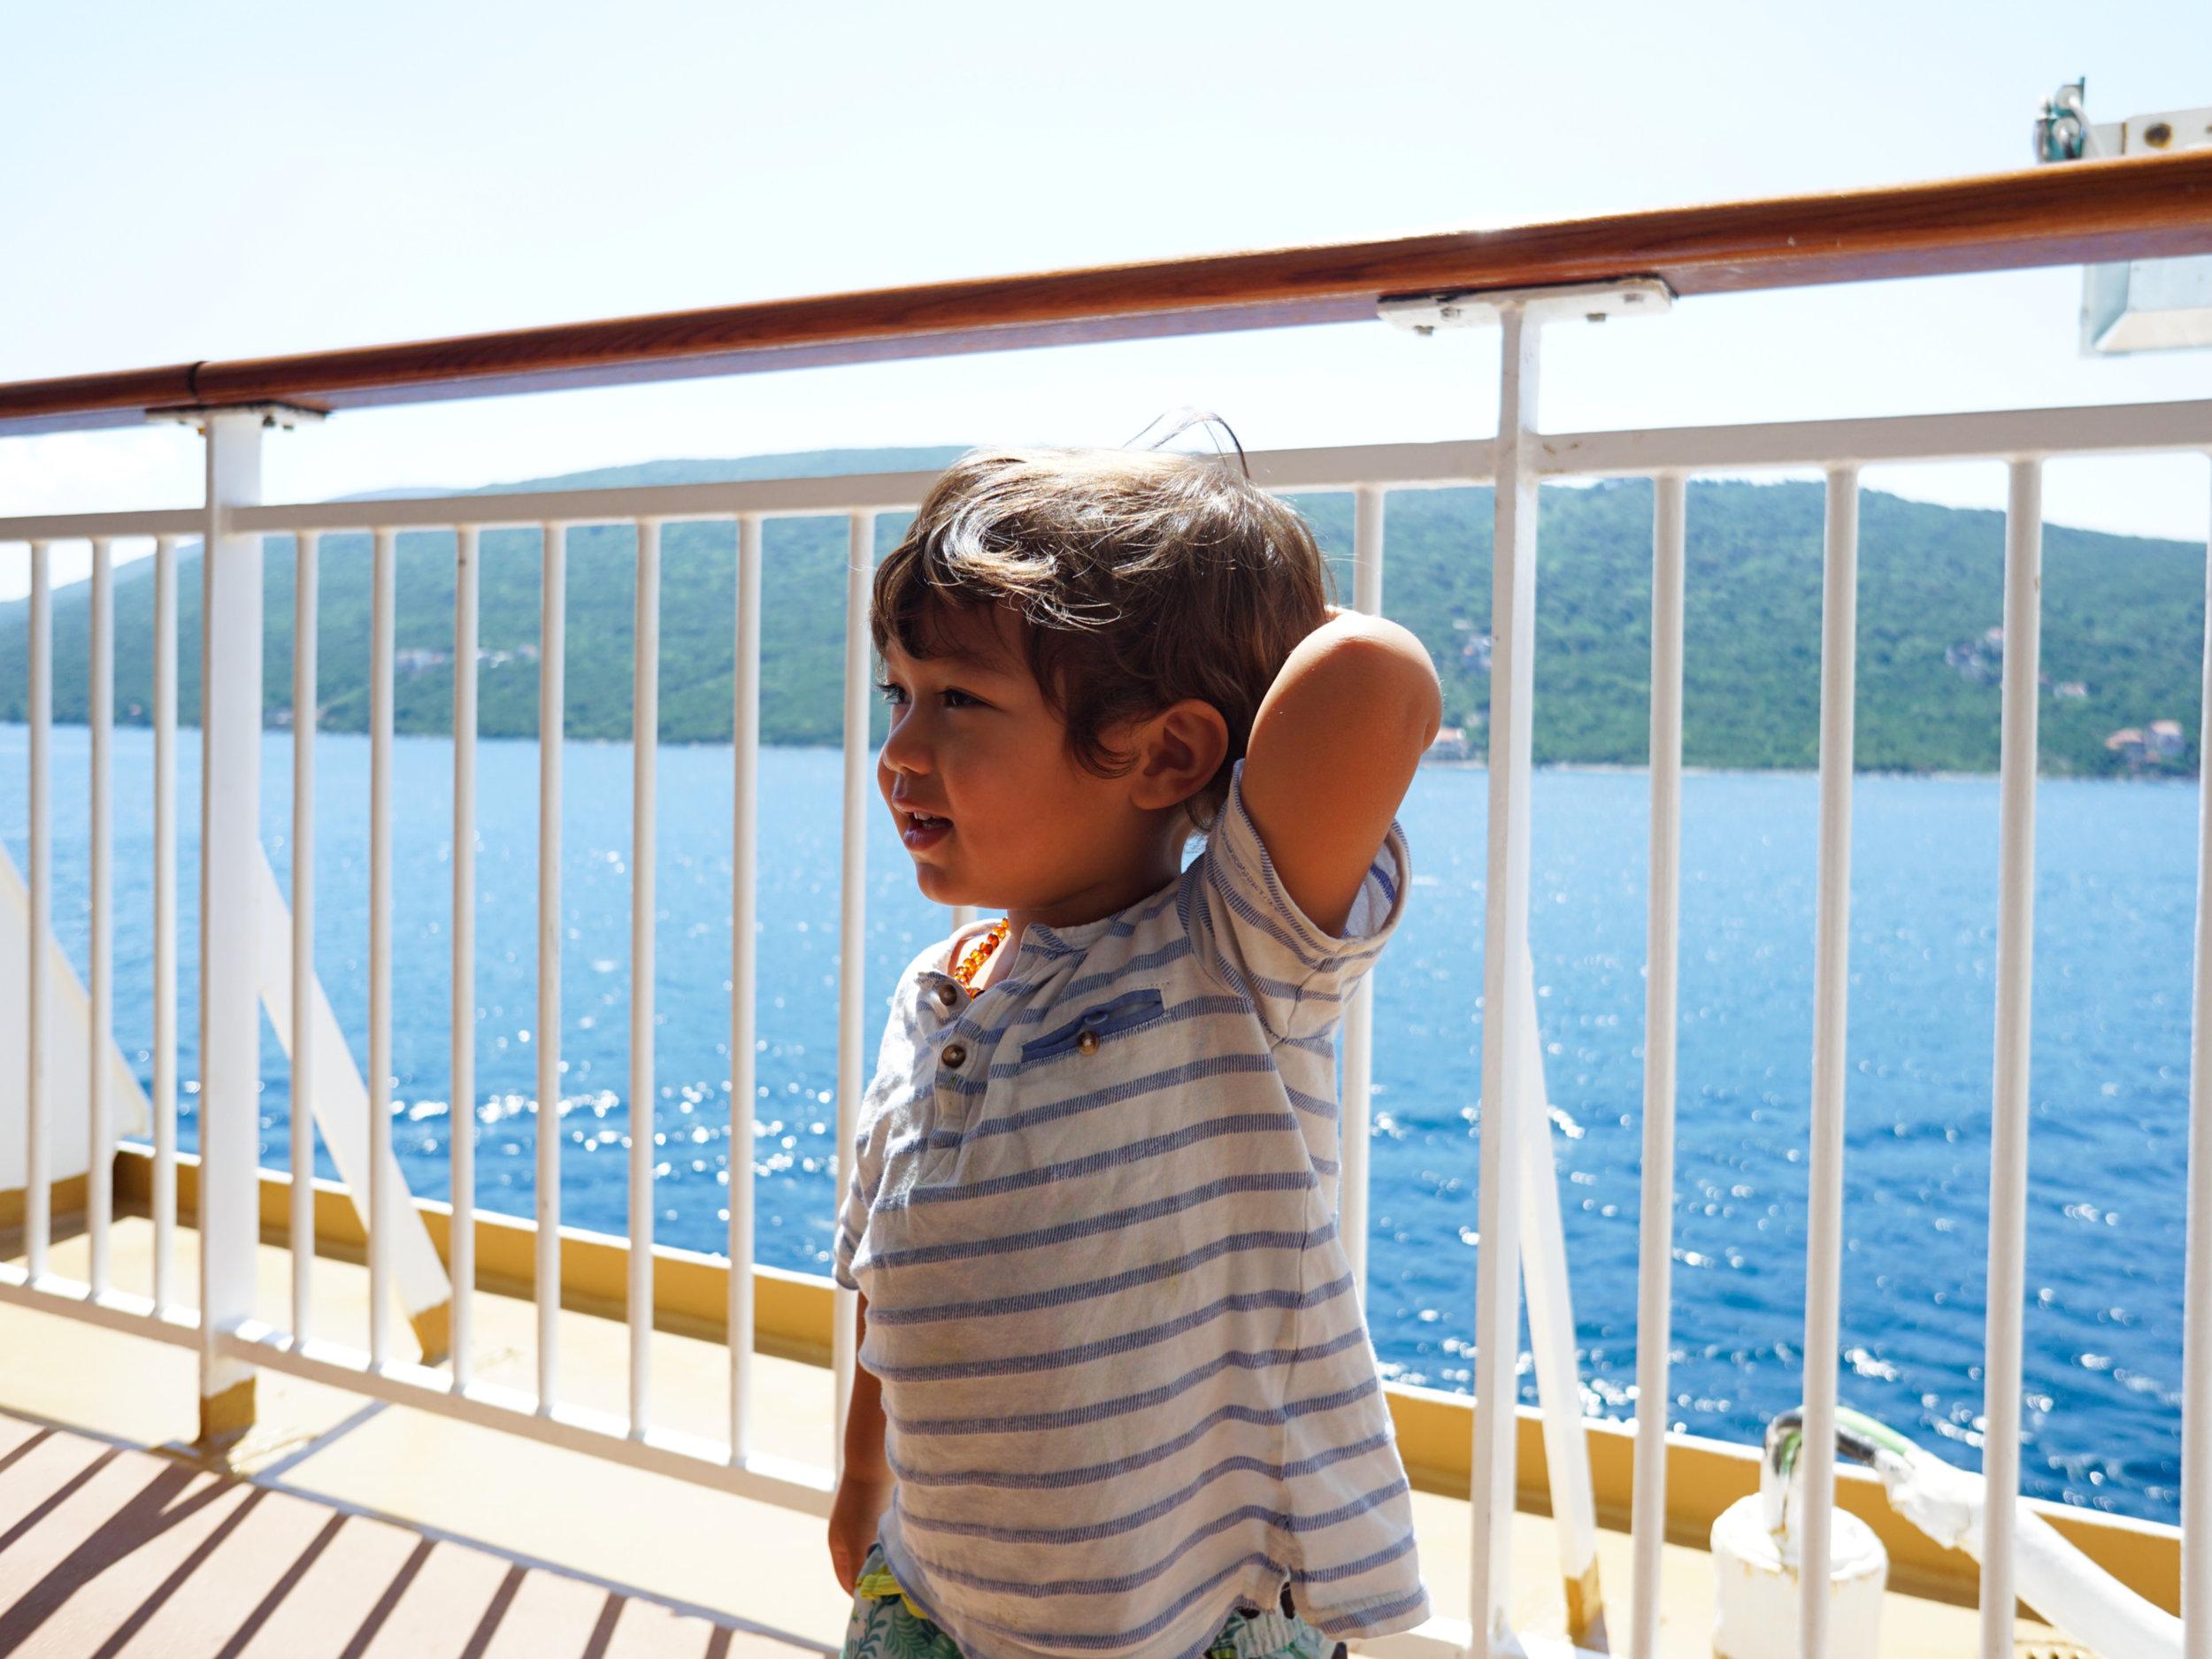 Elden (2.5 years old) on his first cruise around the Mediterranean